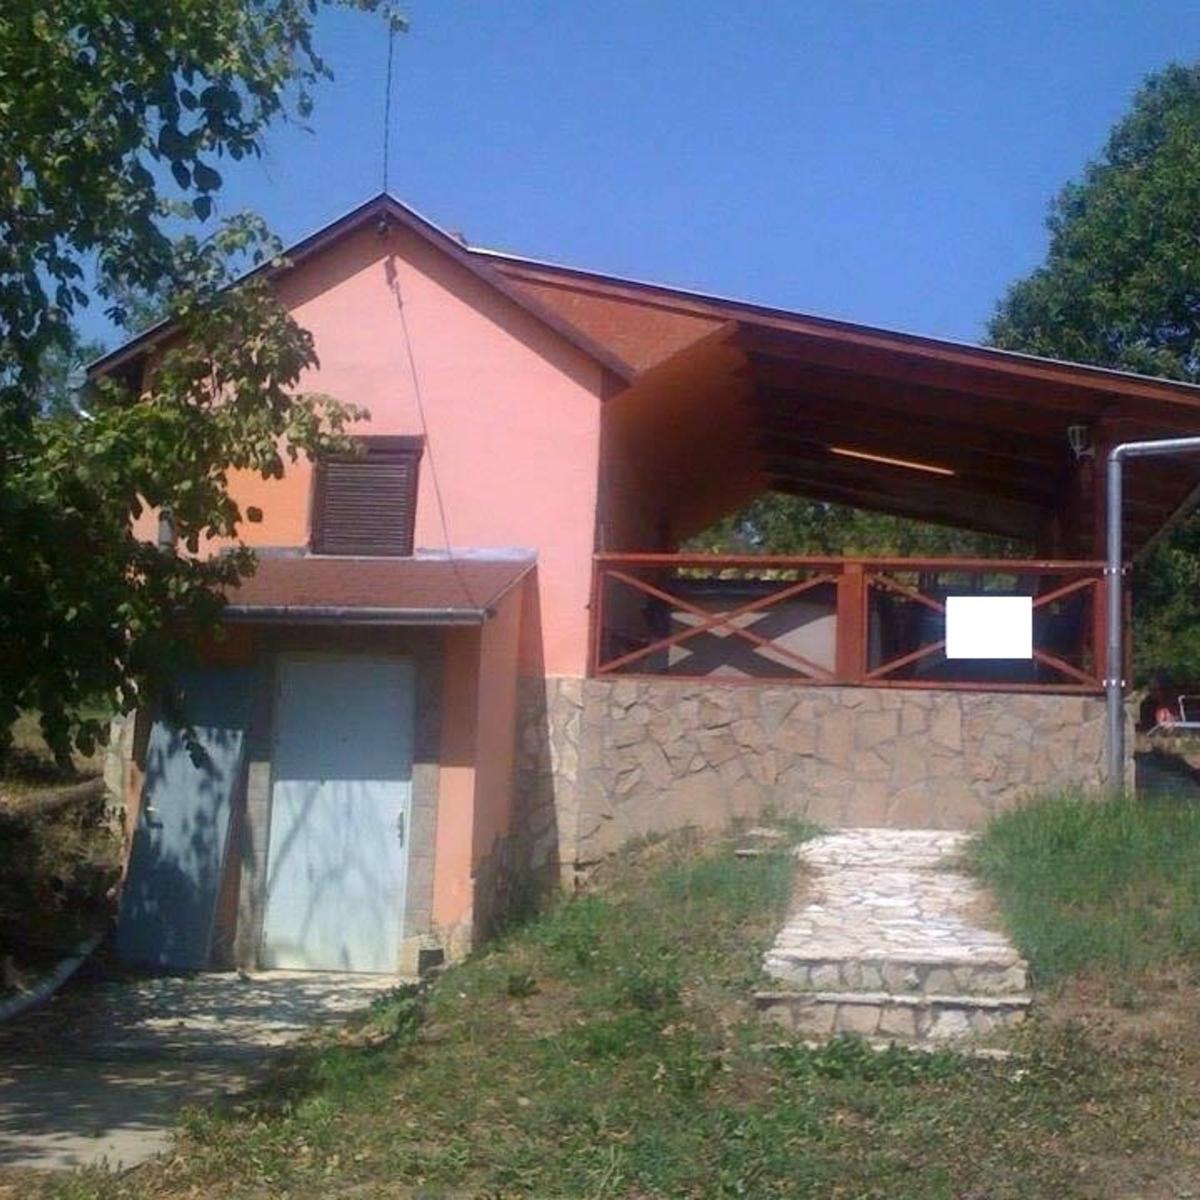 Eladó  mezőgazdasági ingatlan (Somogy megye, Zákány) 2,99 M  Ft